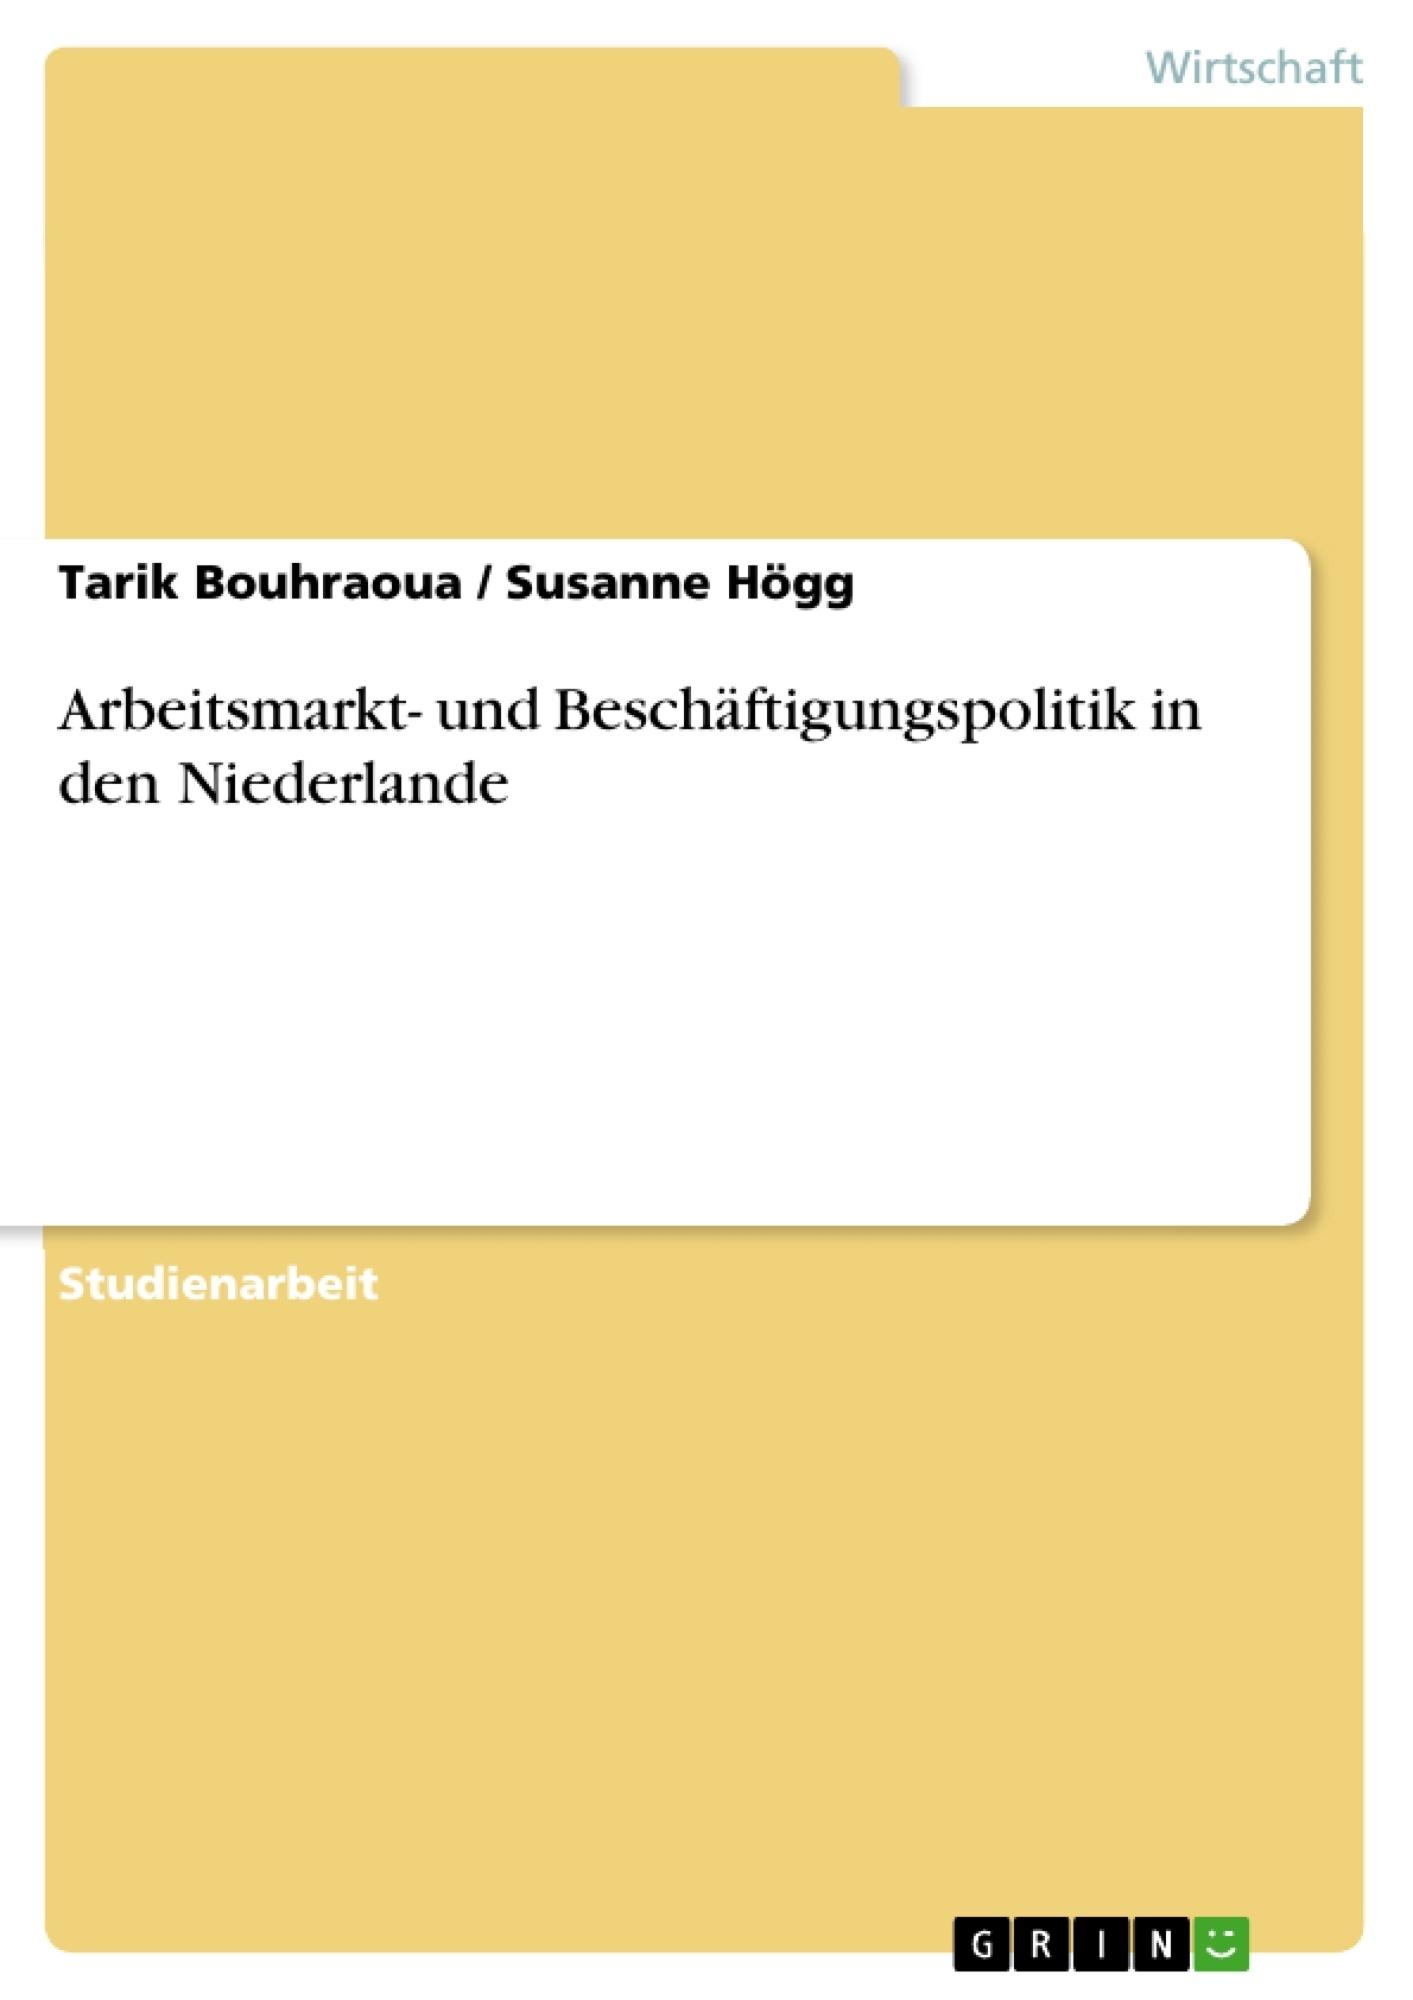 Titel: Arbeitsmarkt- und Beschäftigungspolitik in den Niederlande